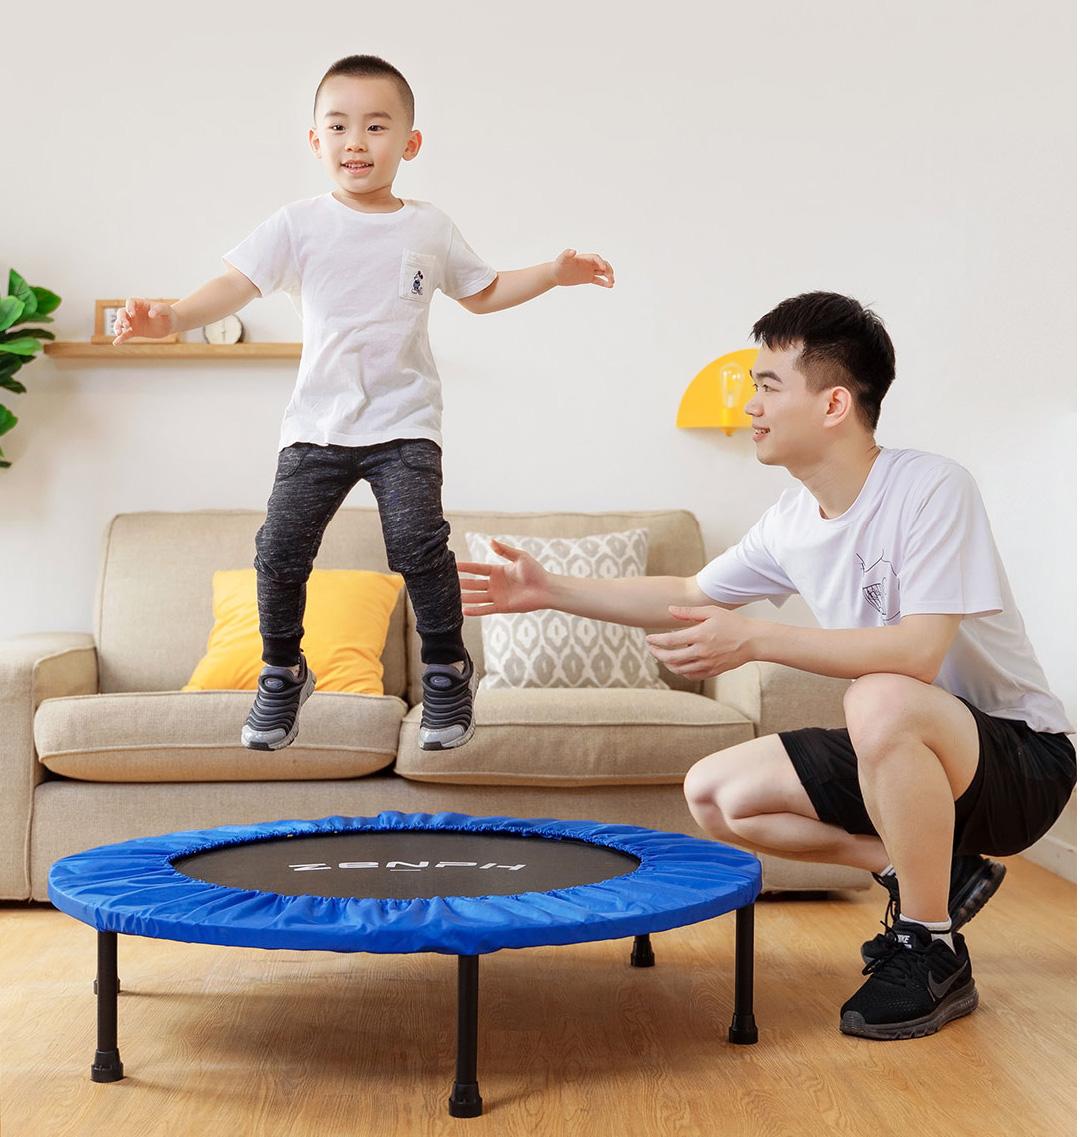 Zenph Foldable Fitness Trampoline